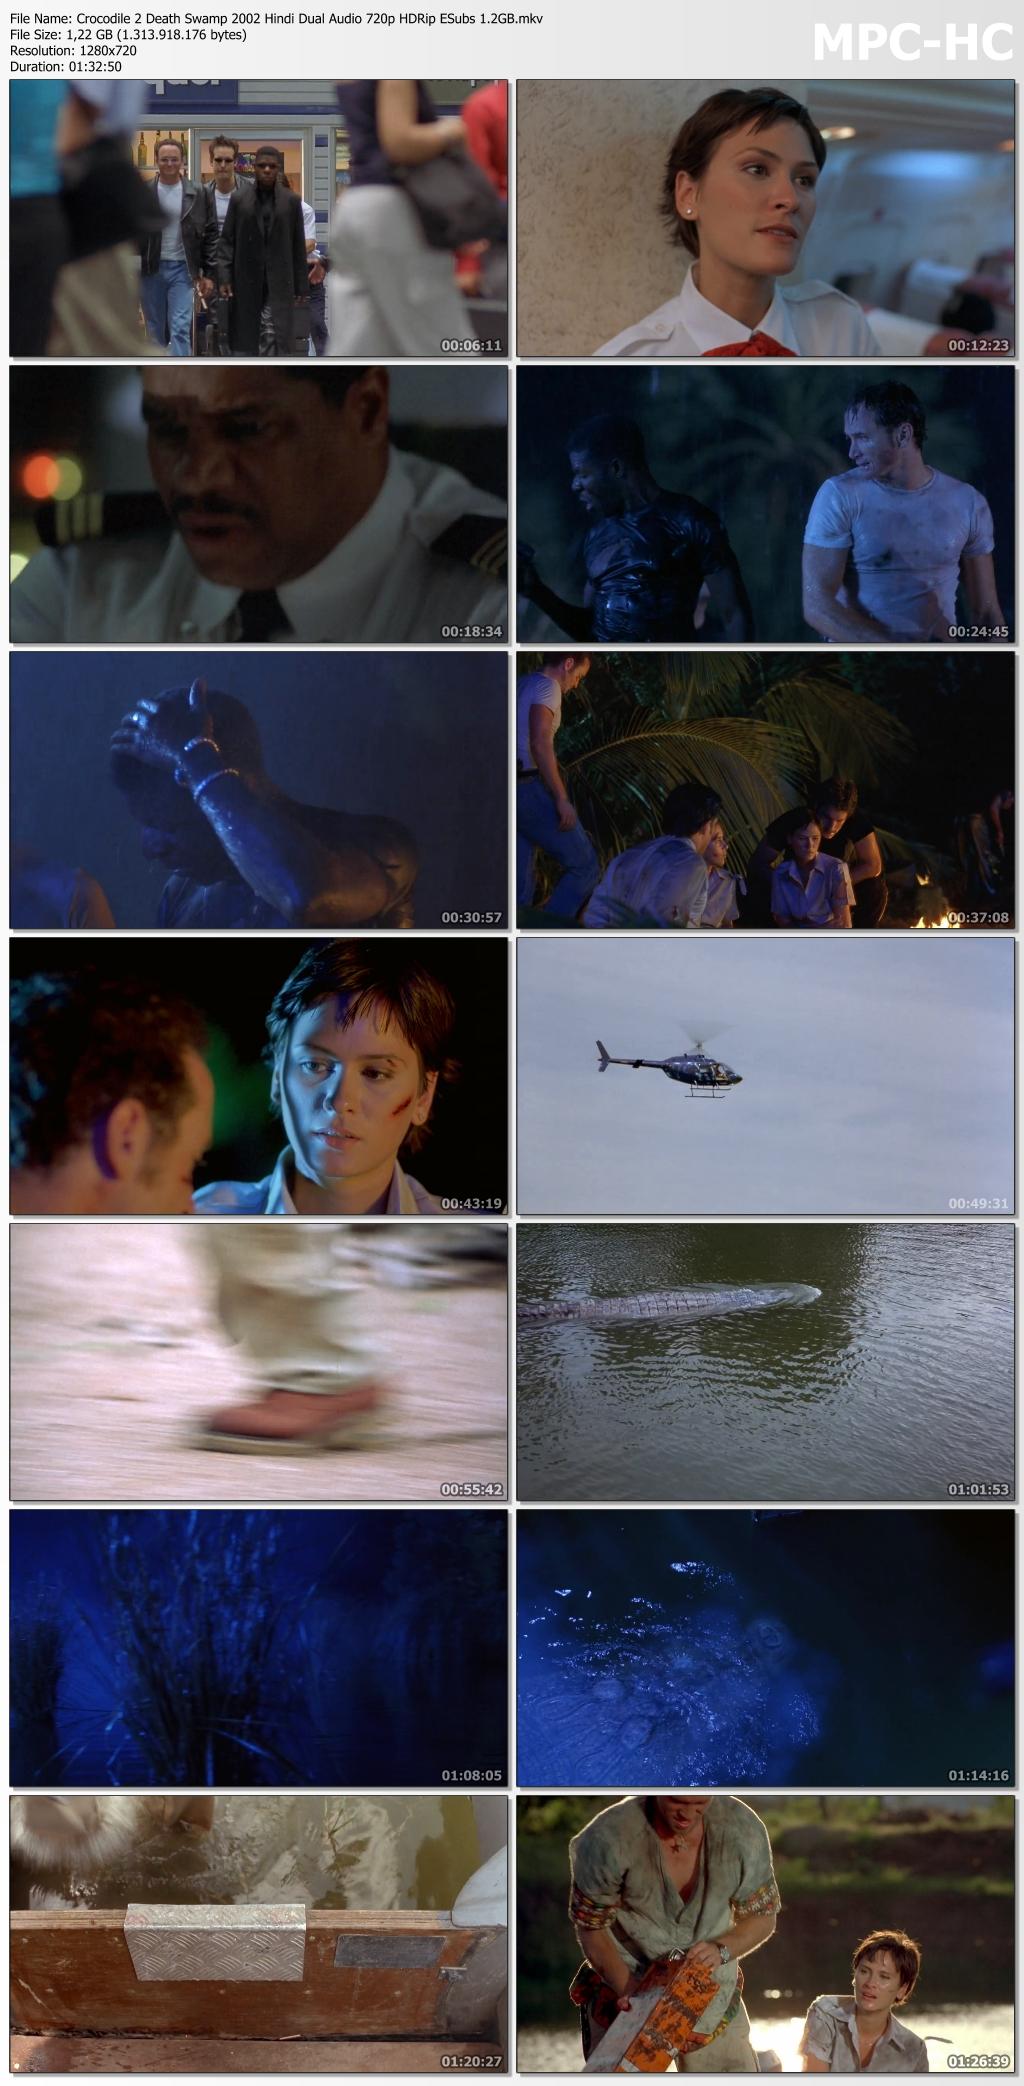 Crocodile-2-Death-Swamp-2002-Hindi-Dual-Audio-720p-HDRip-ESubs-1-2-GB-mkv-thumbs